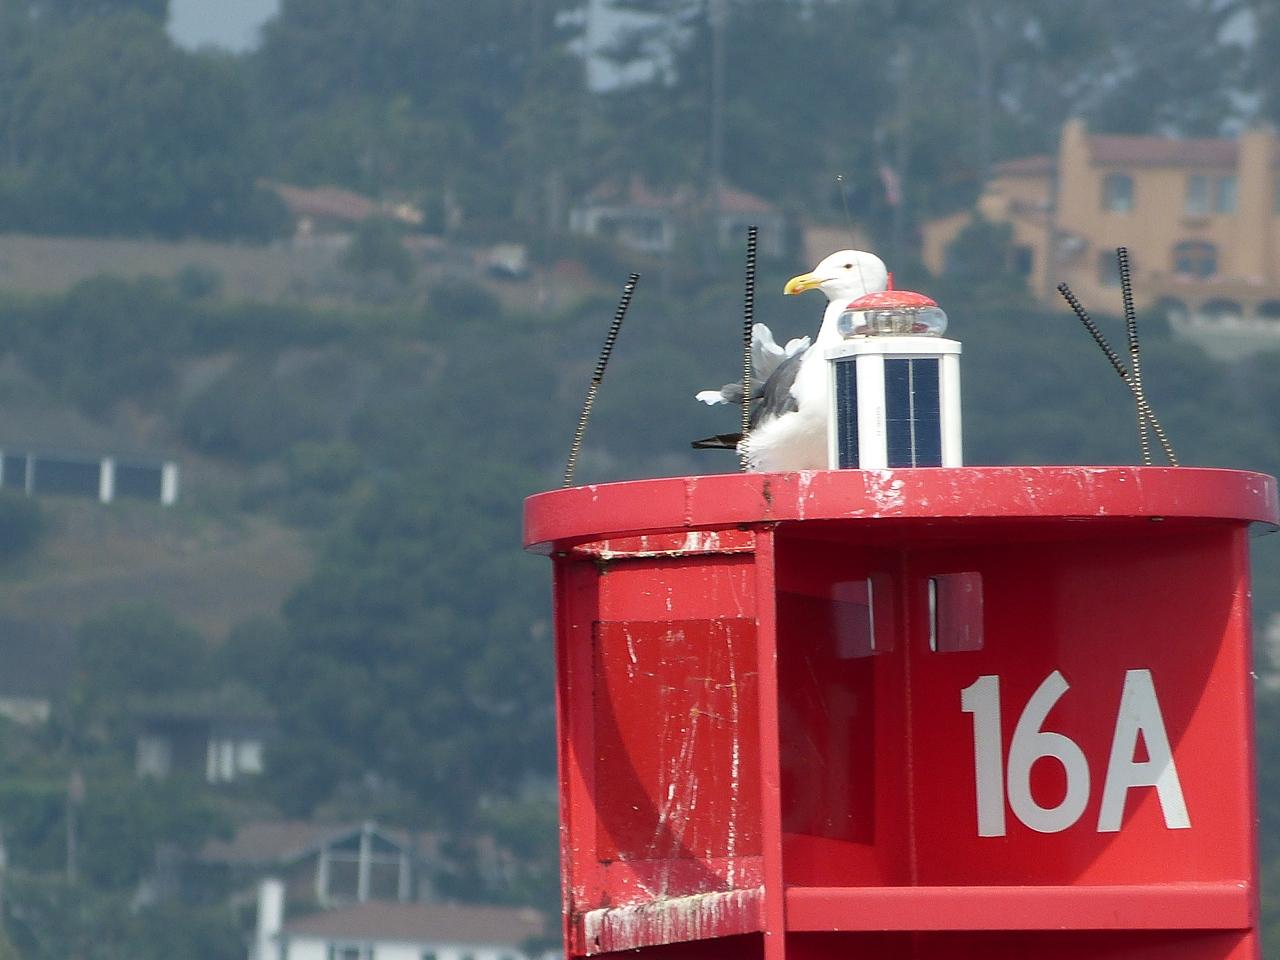 Ever vigilant atop buoy 16A